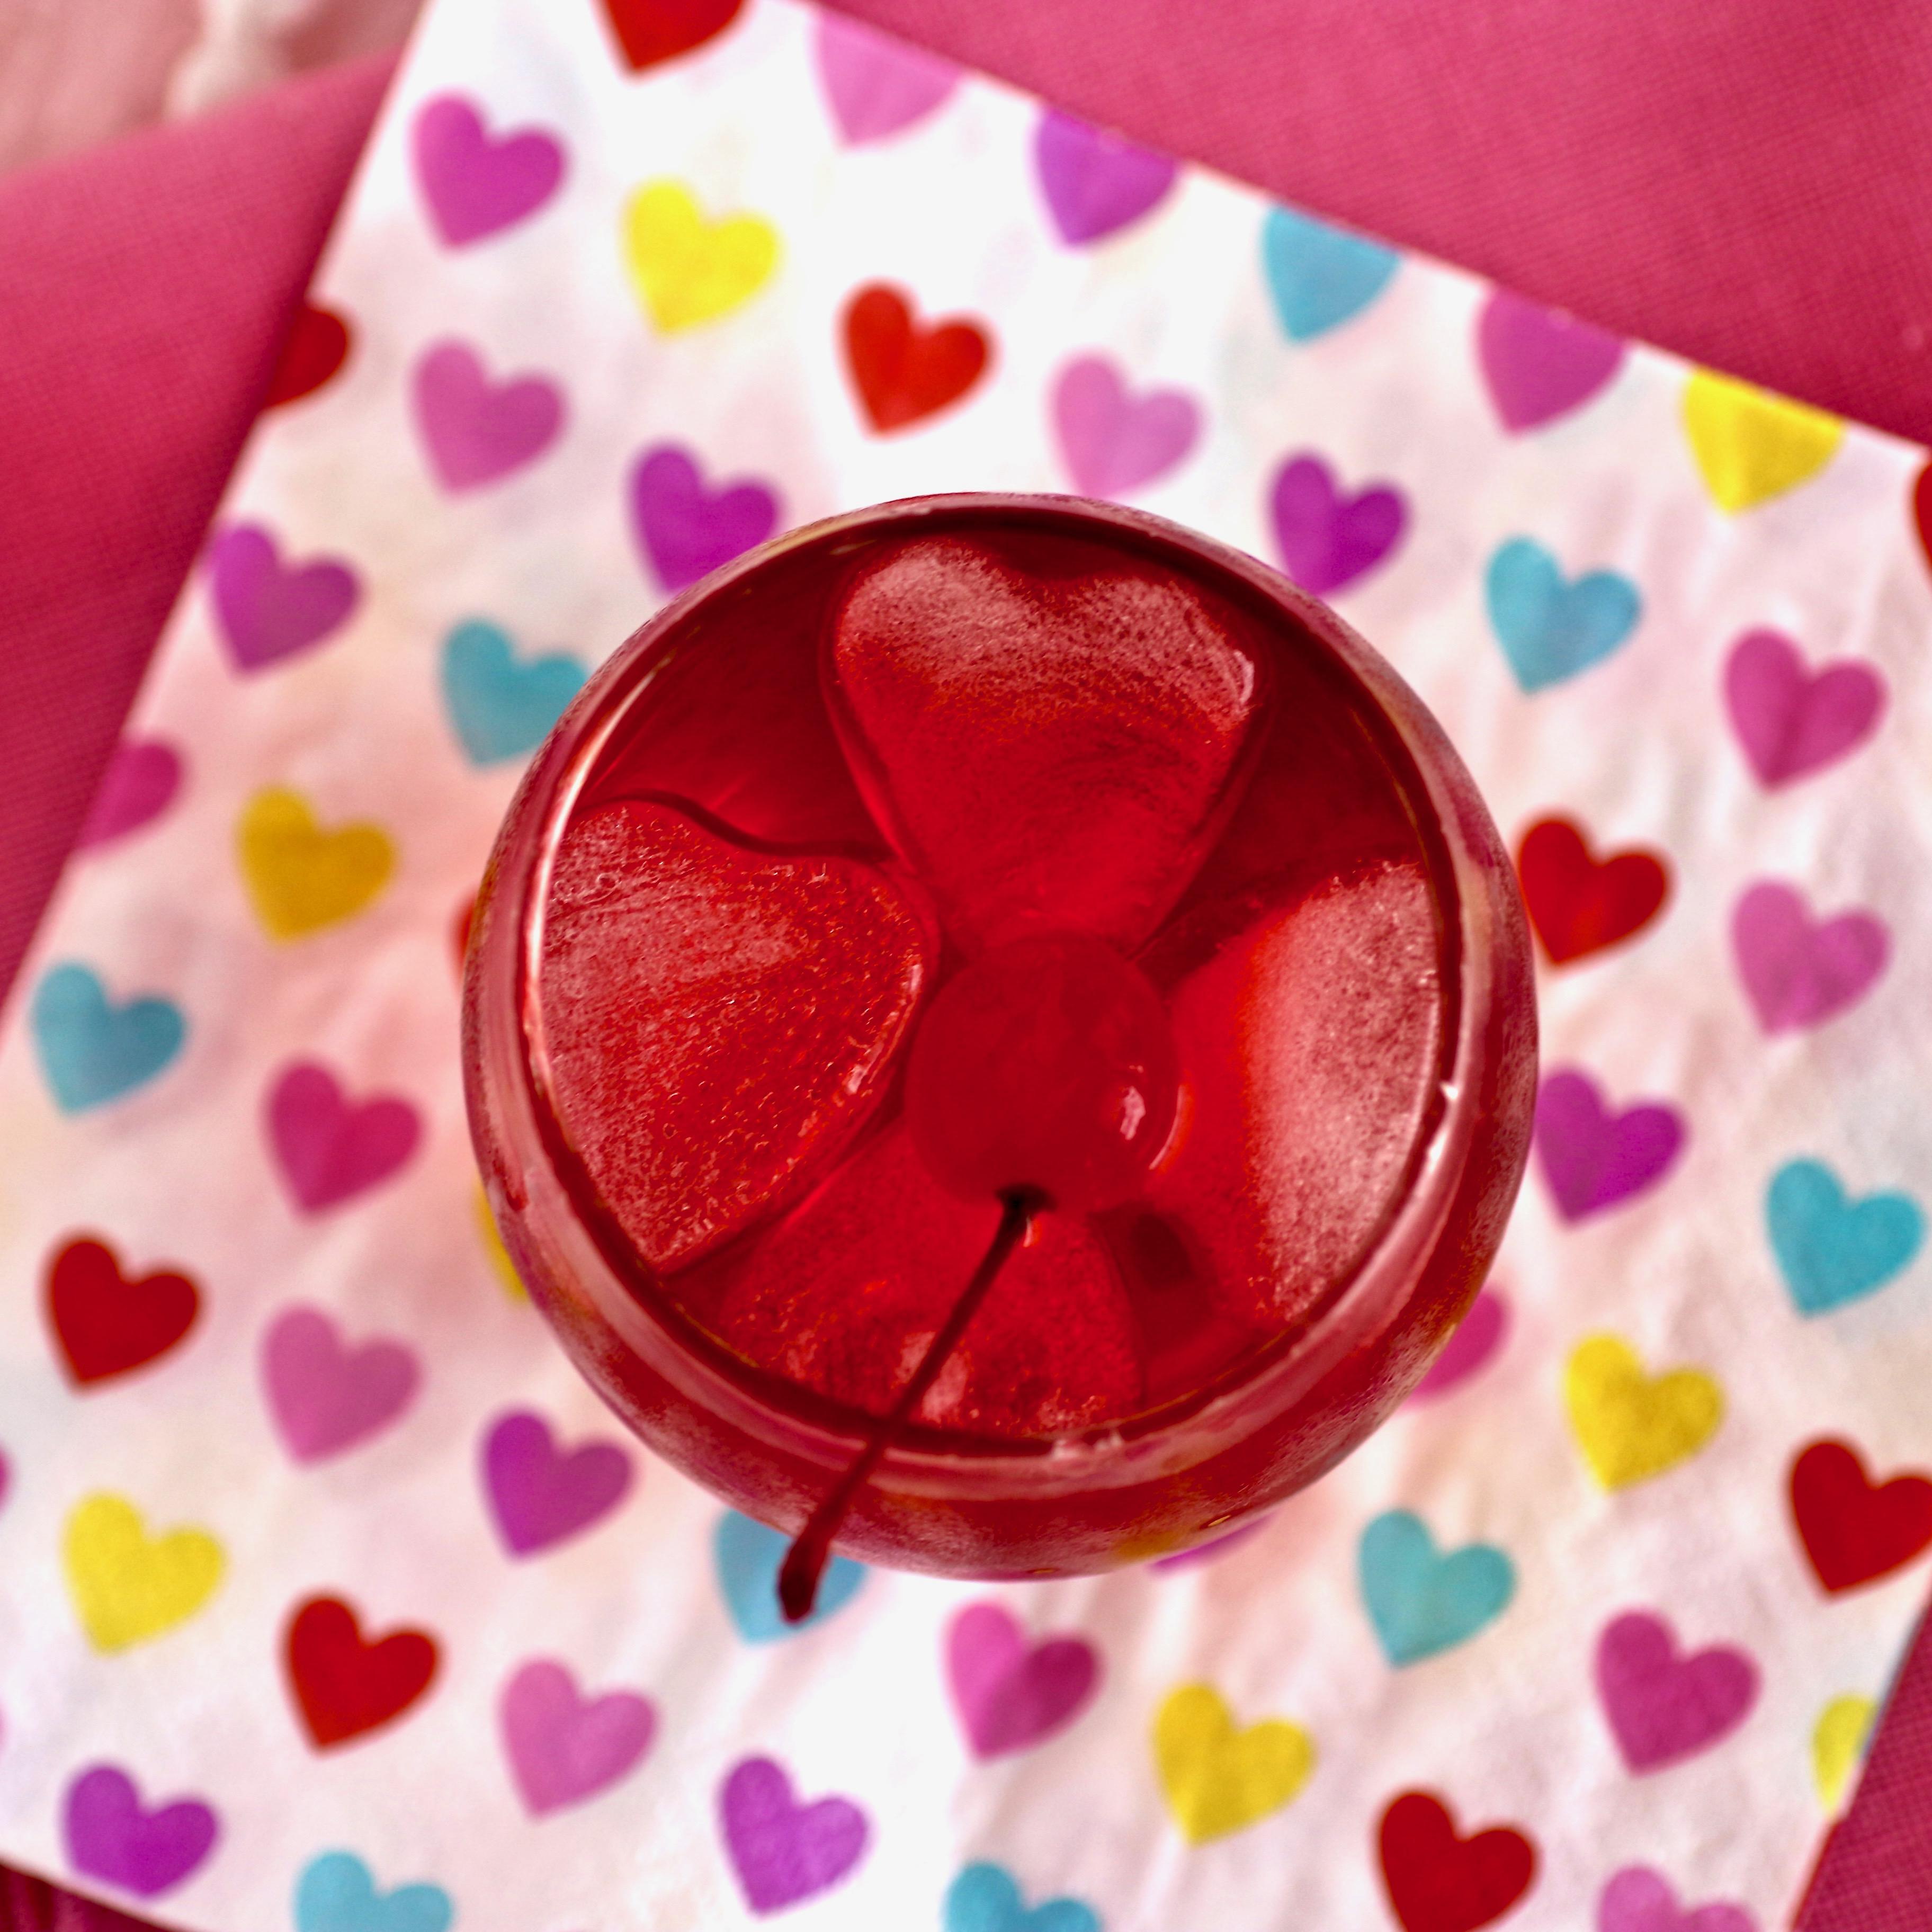 Cherry Vodka Sour image